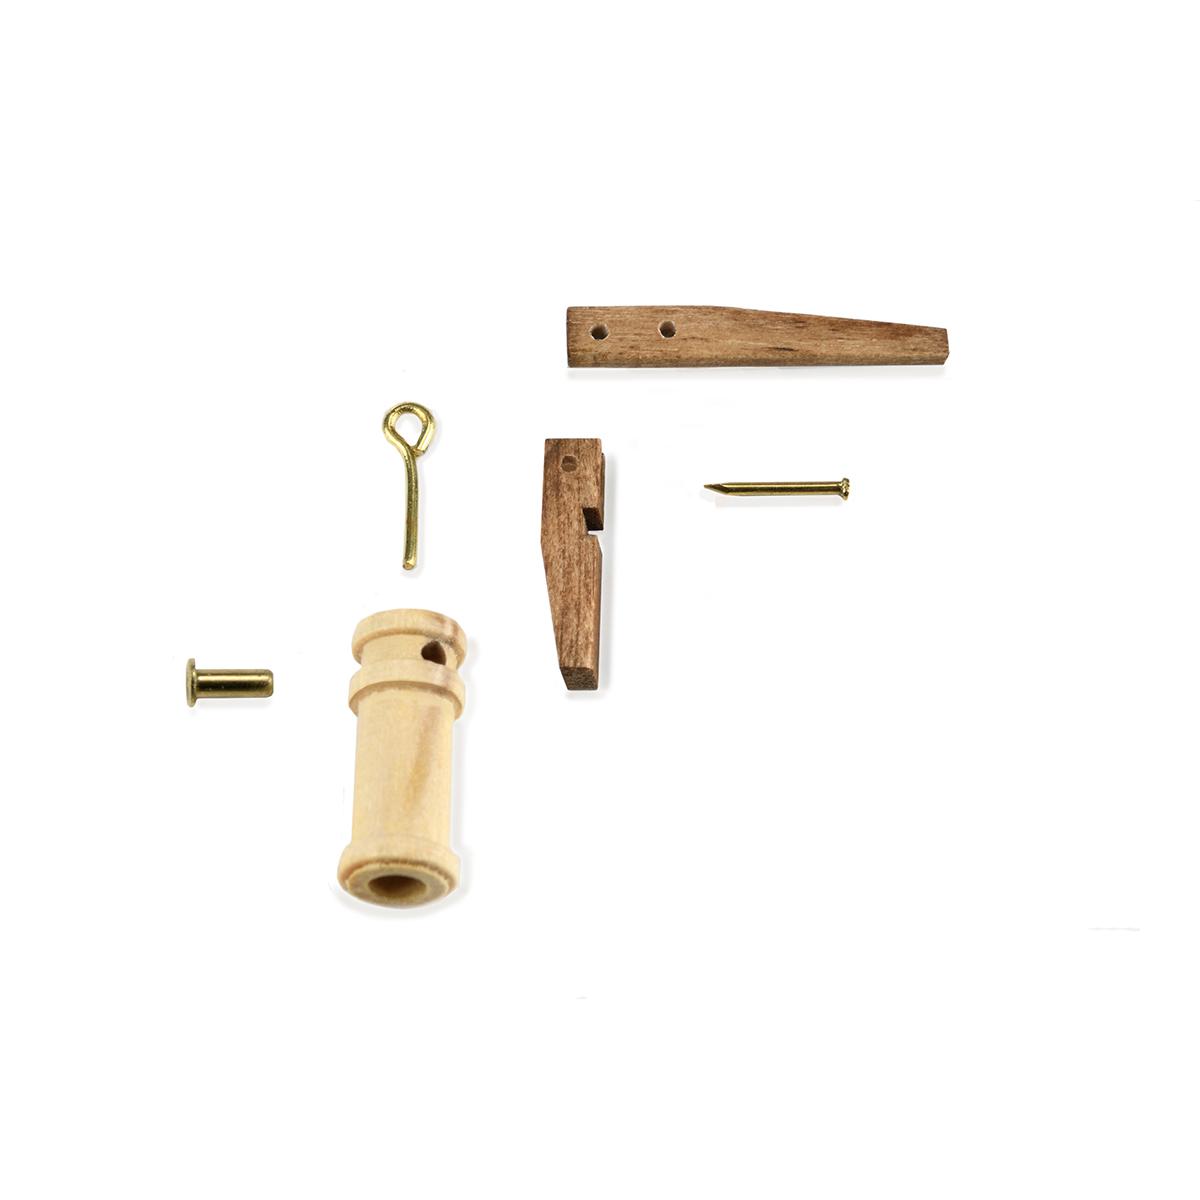 Szivattyú 15 mm Kiegészítők